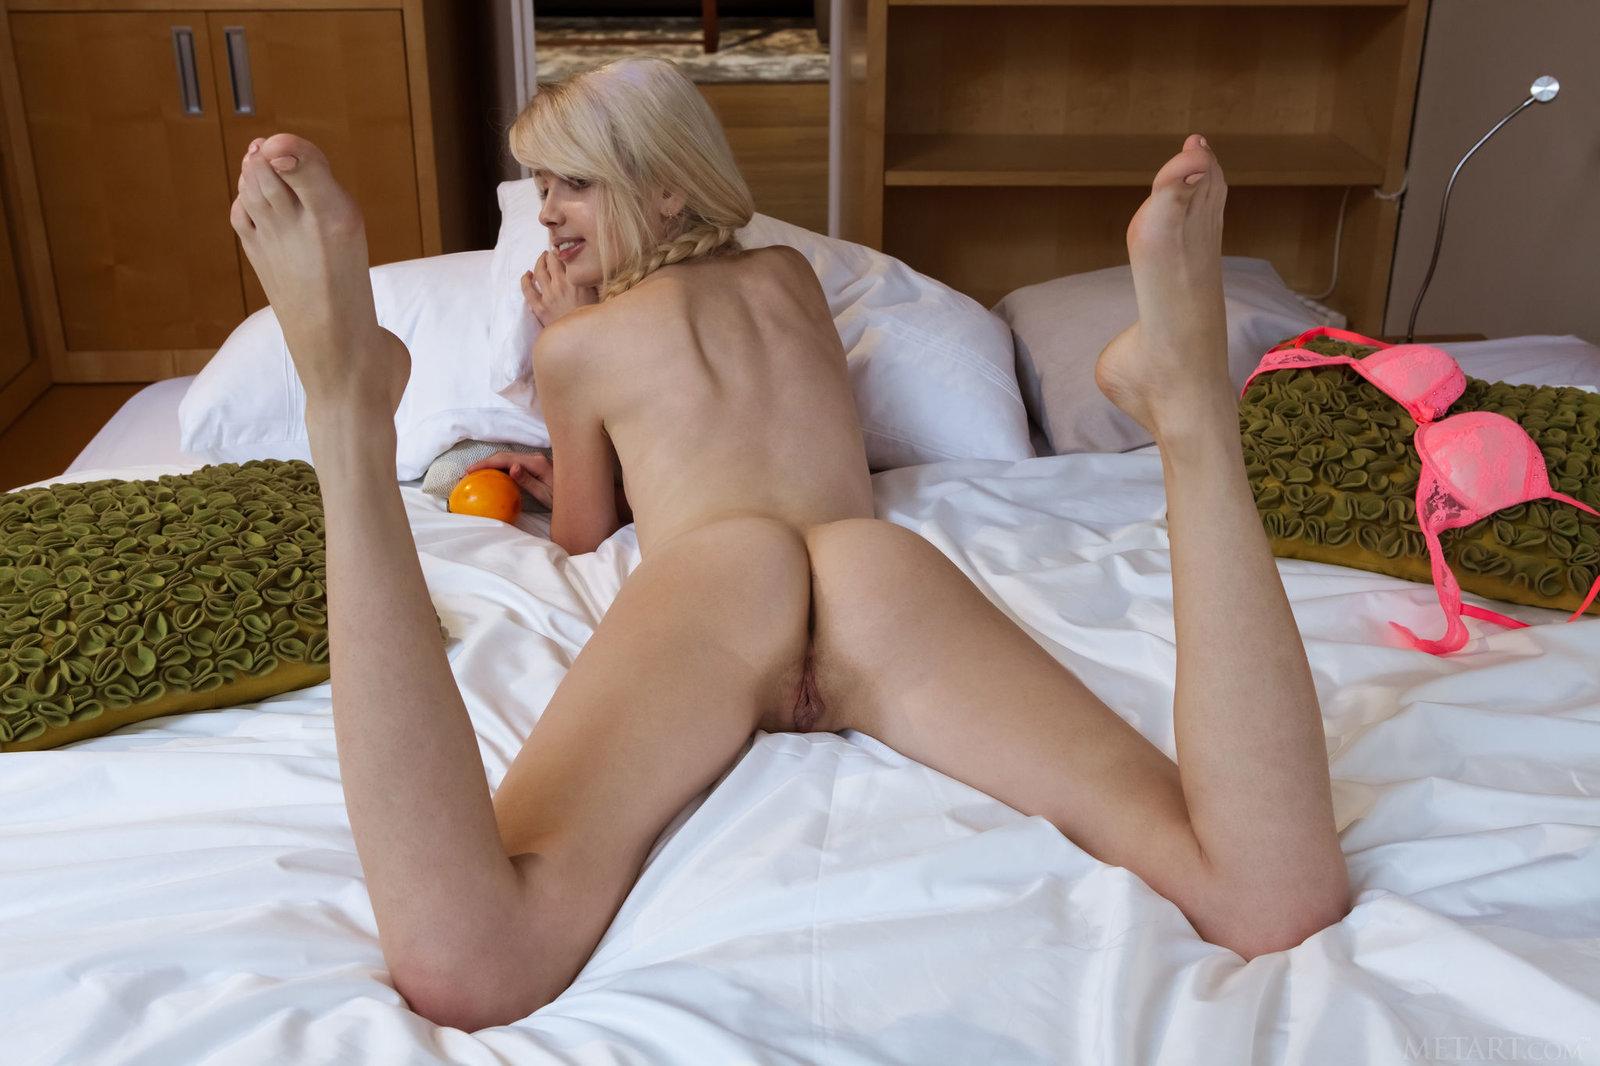 Zdjęcie porno - 154 - Laska zdejmuje białe majteczki